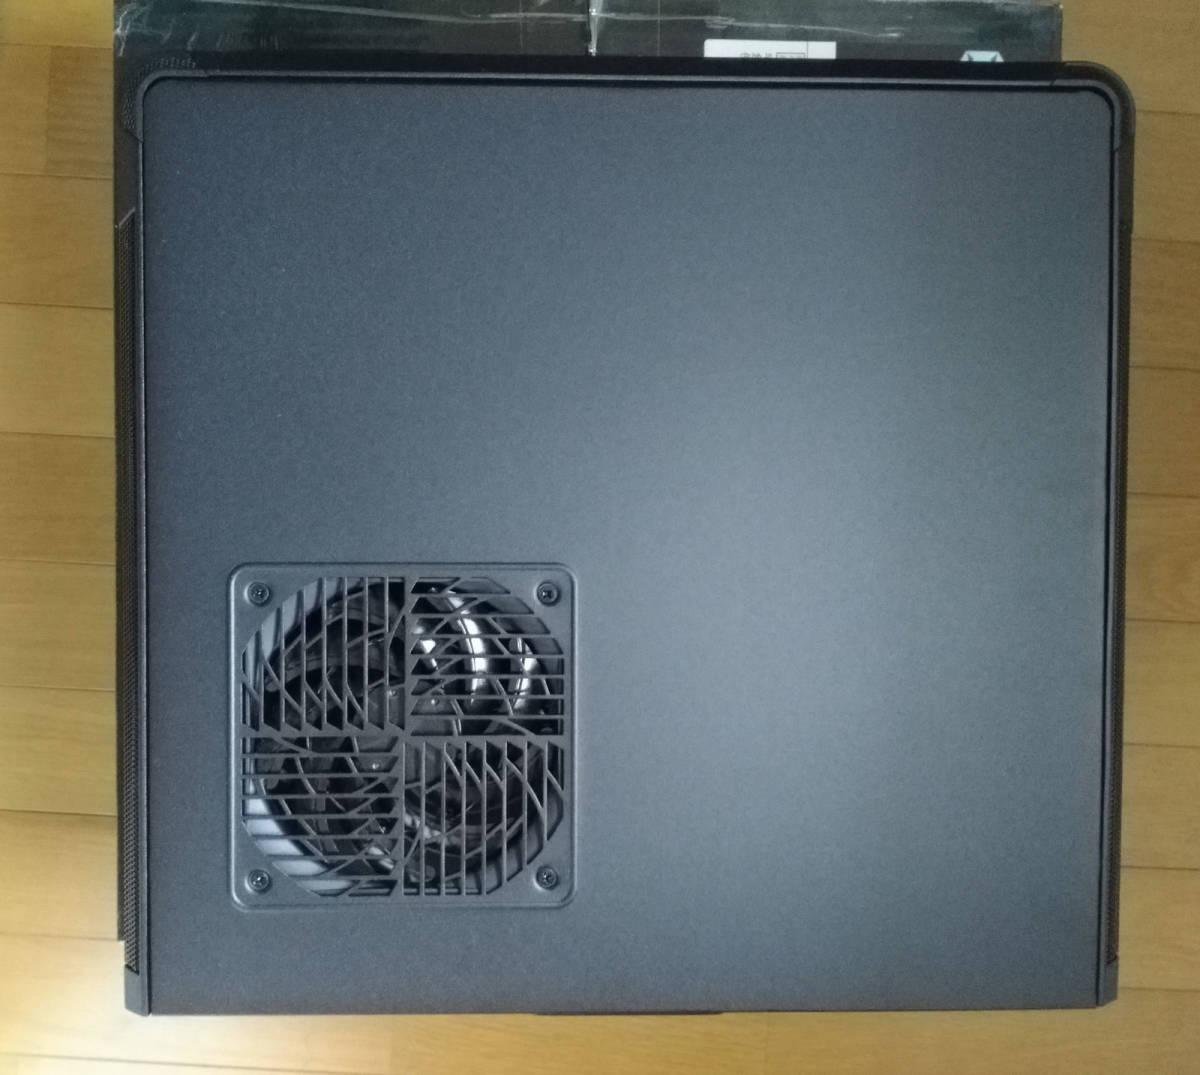 1円~ SilverStone SST-FTZ01B (Mini-ITX スリム itx dtx RVZ01 ML07B ゲーミング PCケース ftz HTPC スチール 光学ドライブ SFX 水冷) _画像2